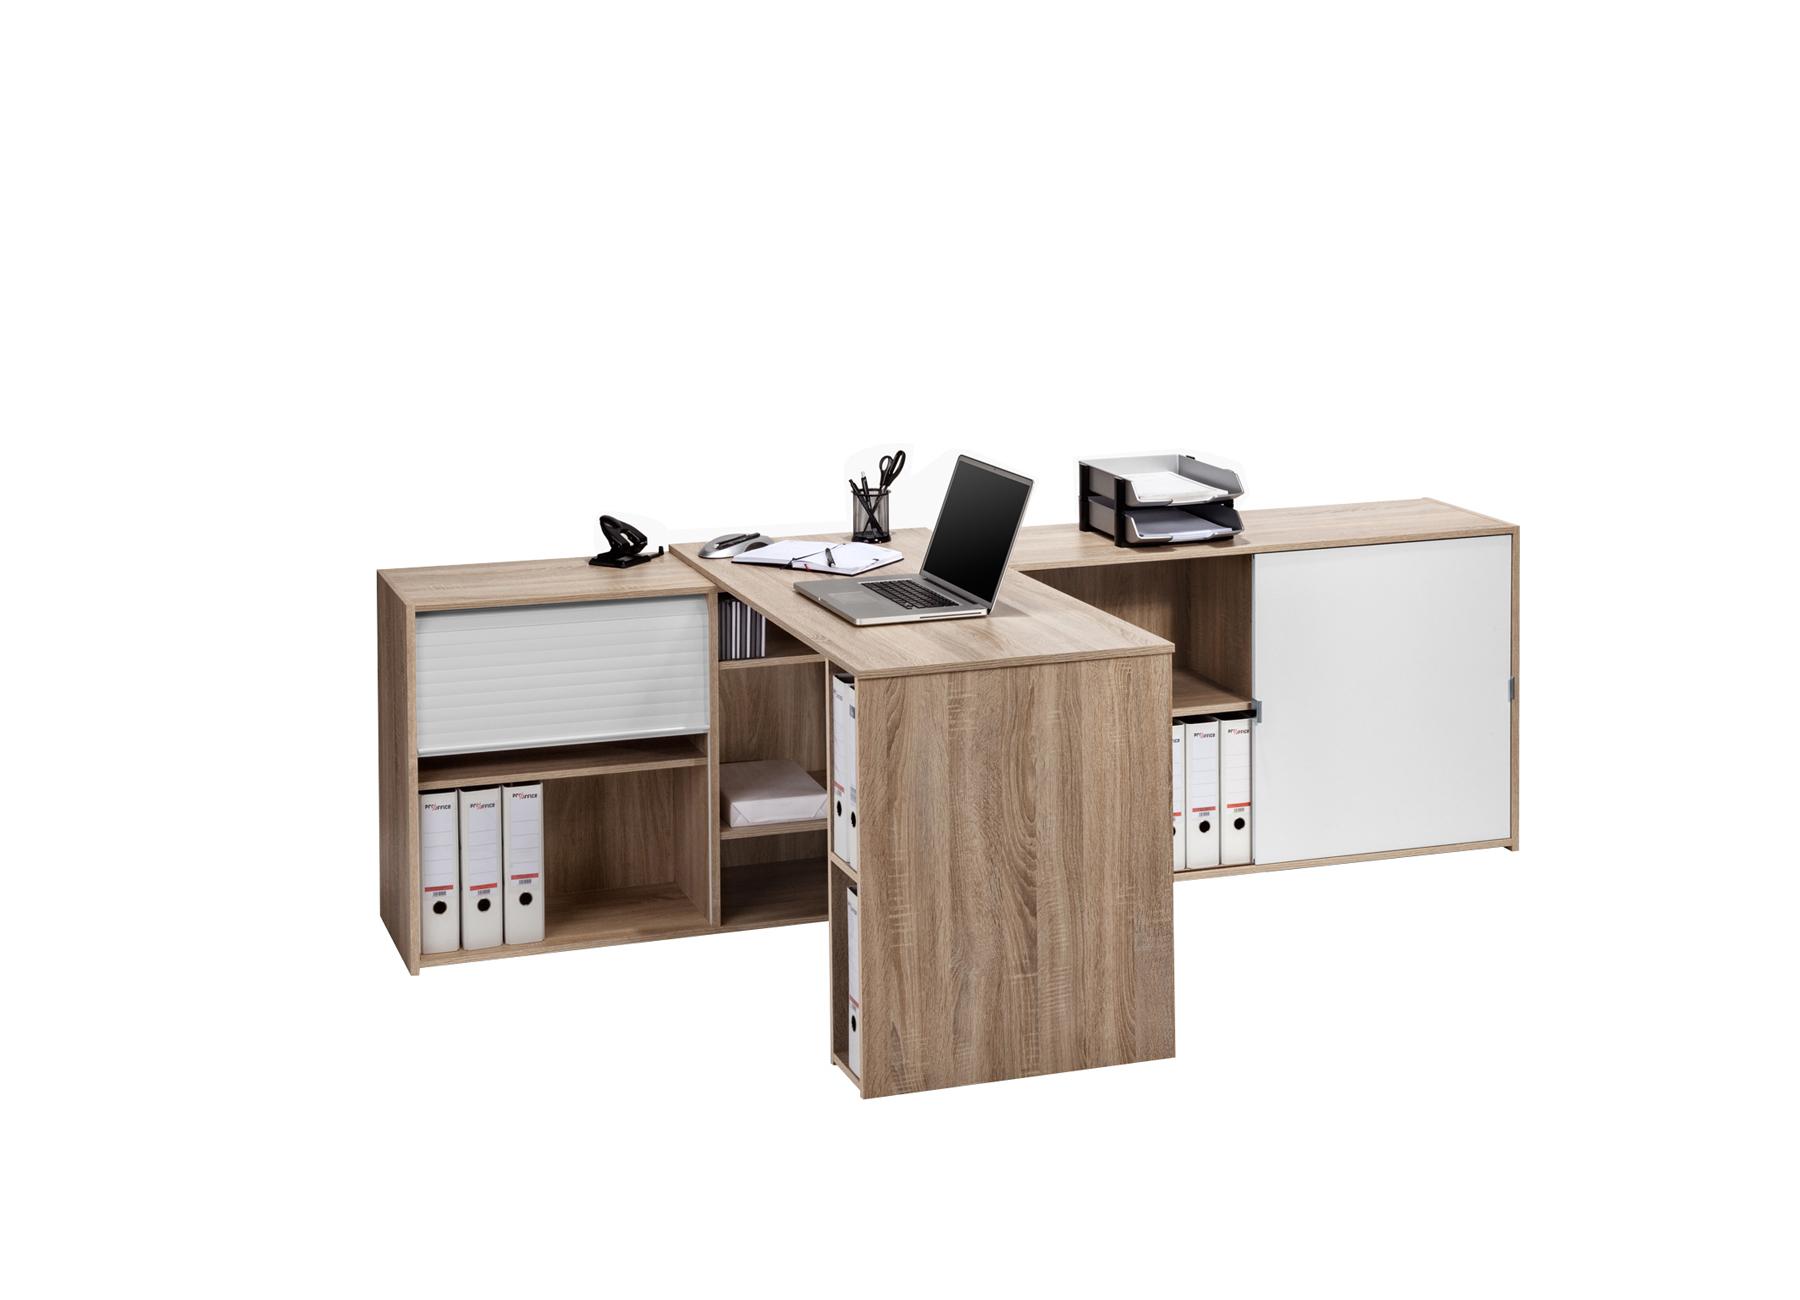 tisch regal kombination regal tisch kombination m bel von xora f r wohnzimmer g nstig online. Black Bedroom Furniture Sets. Home Design Ideas